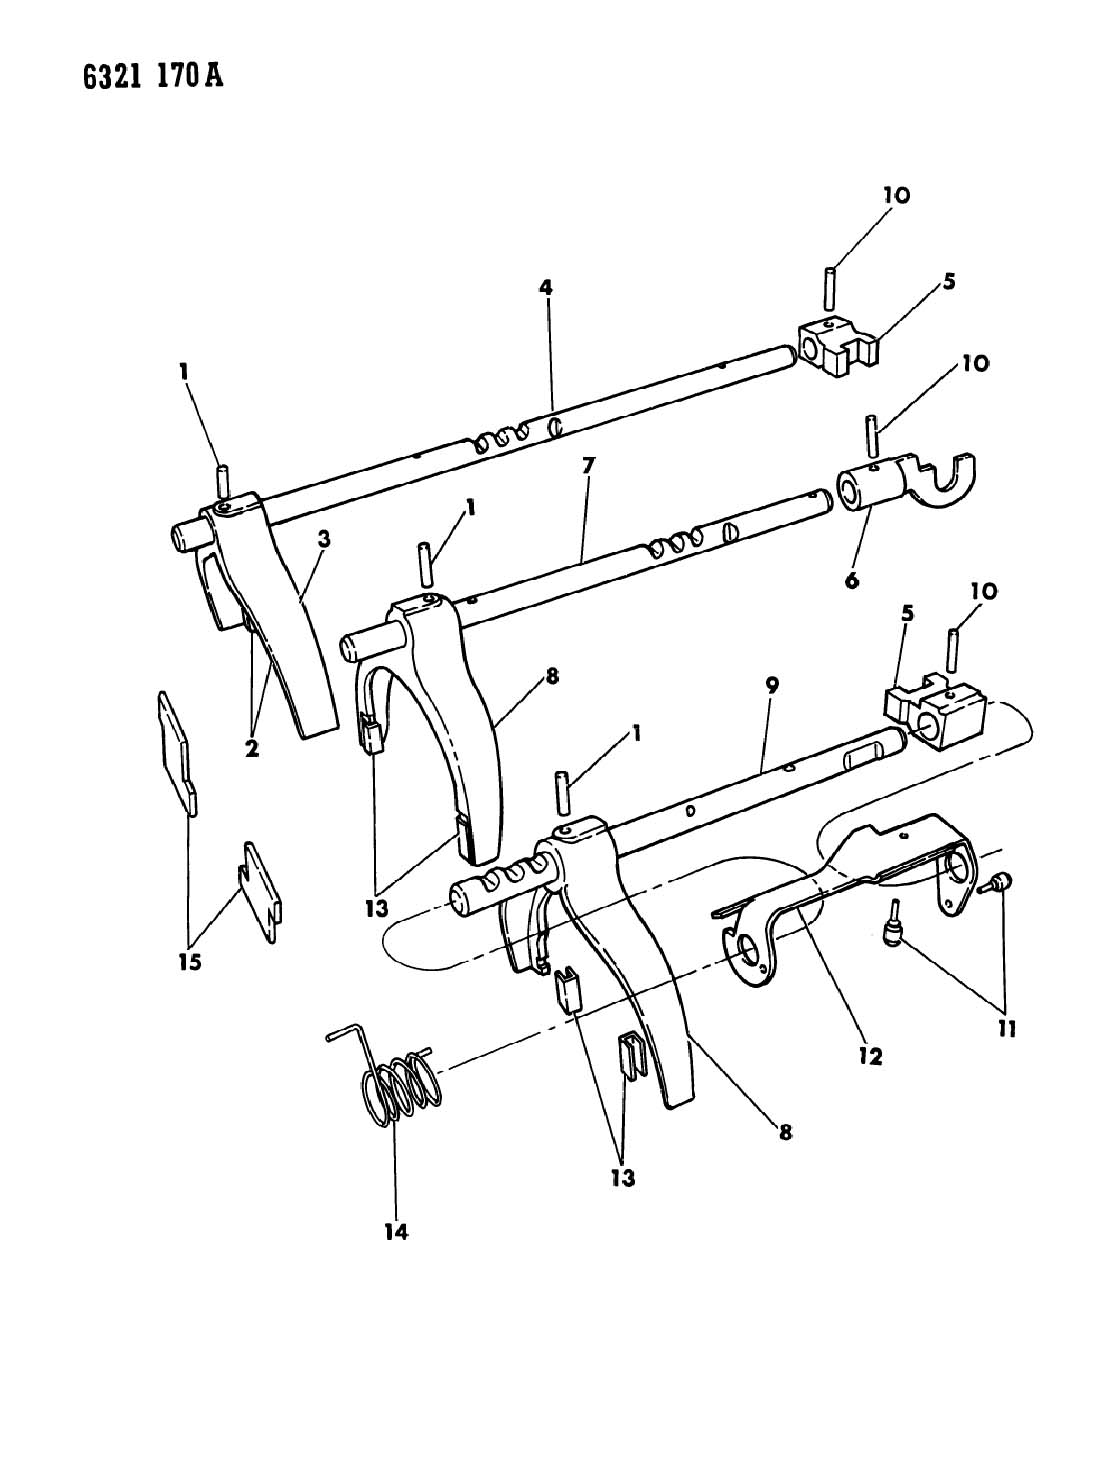 3 Chrysler Manual Speed Transmission Full Version Free